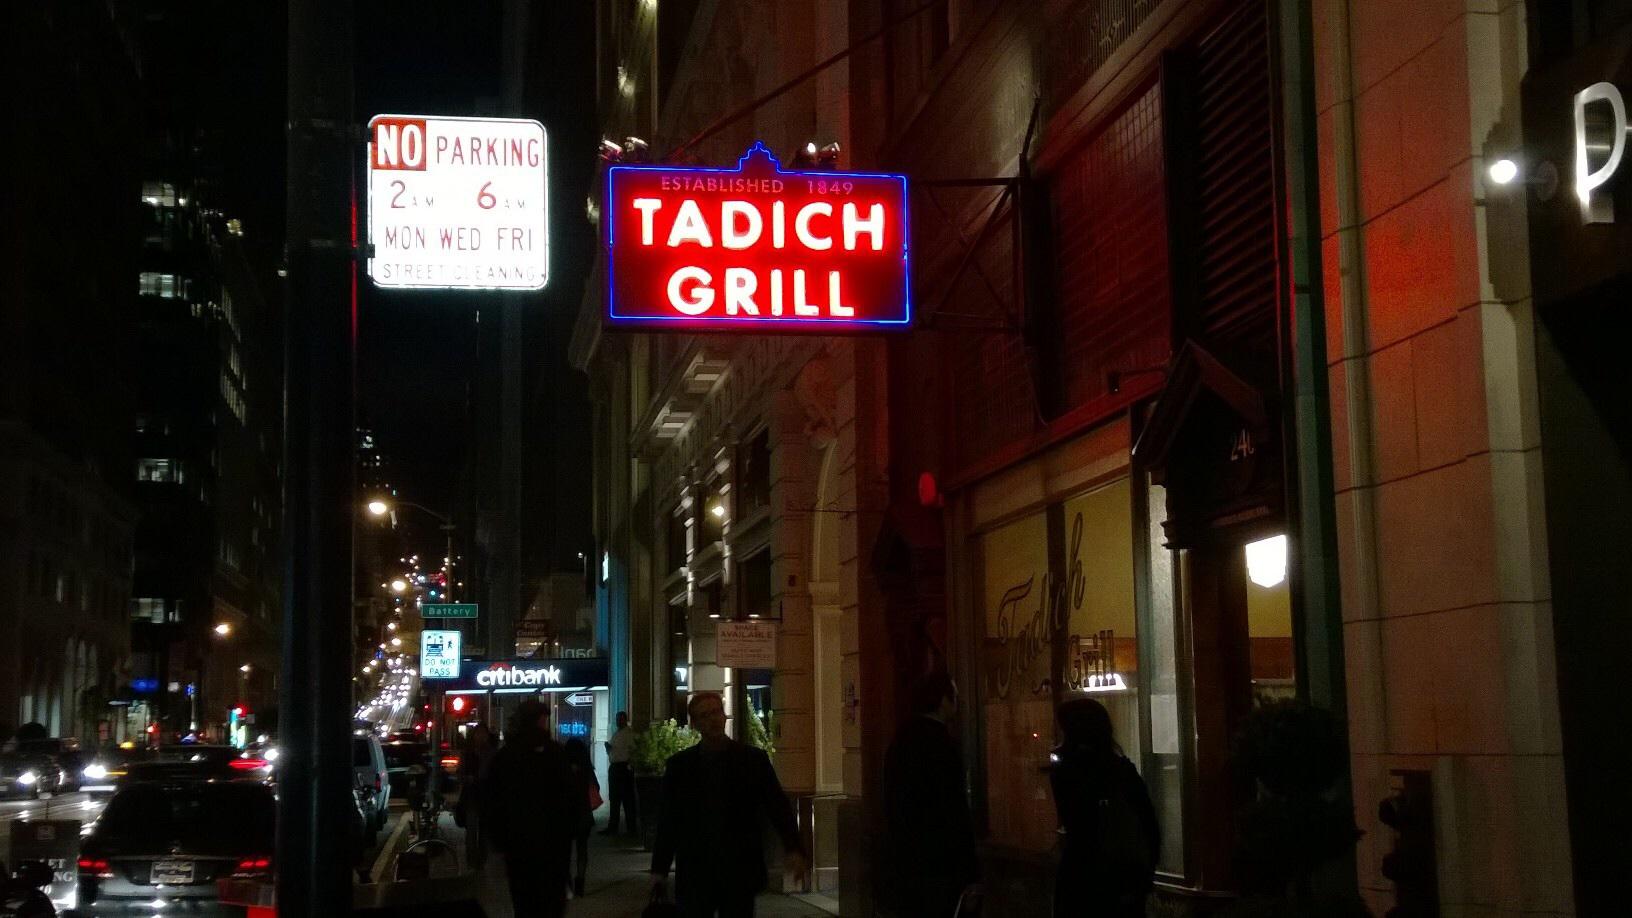 Tadich